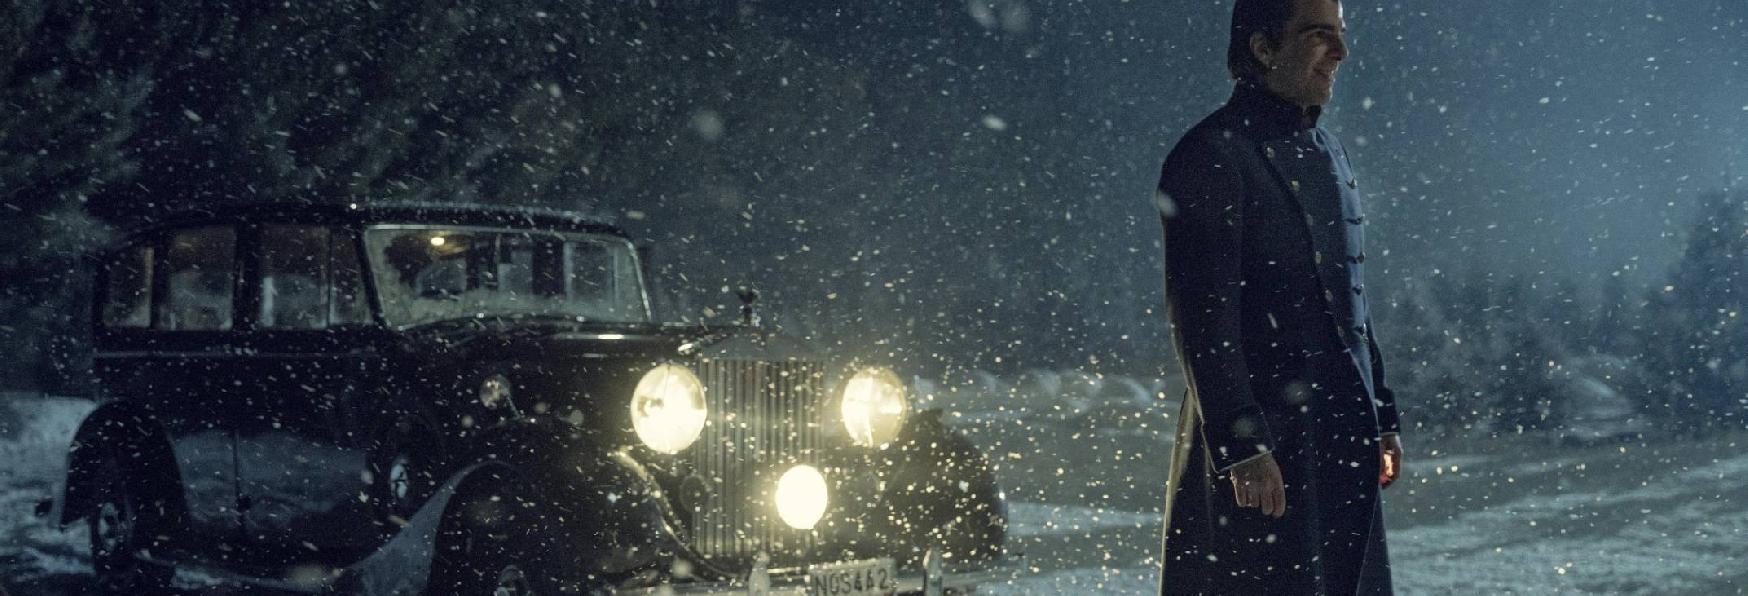 Recensione di NOS4A2: le Prime Impressioni sulla nuova Serie TV di AMC